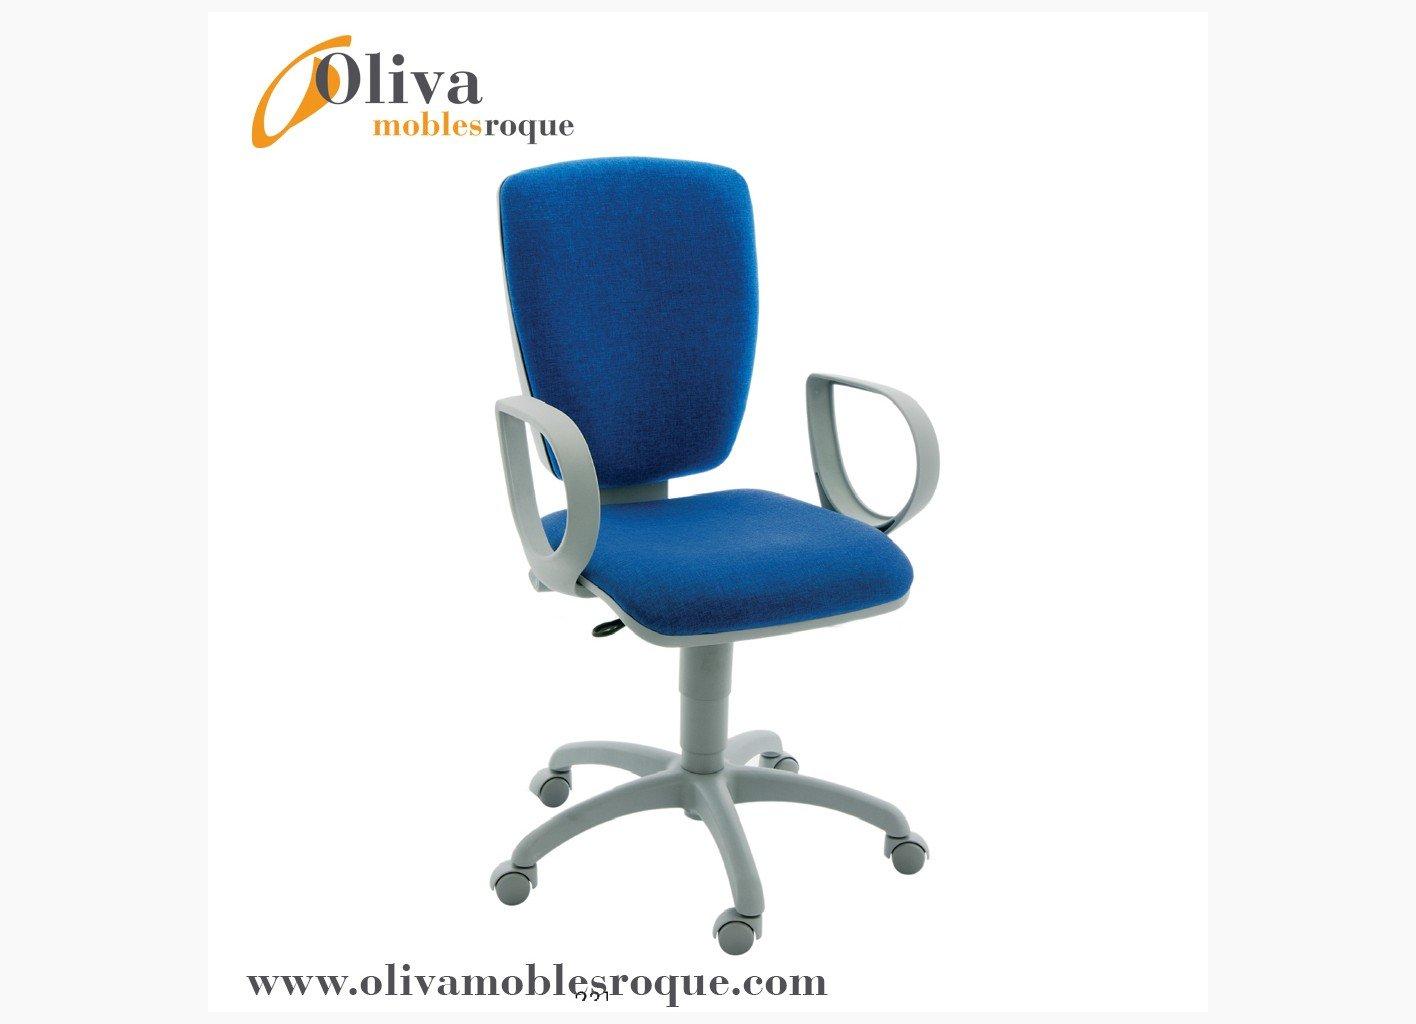 silla oficina 231 sillas sillas oficina y habitaci n